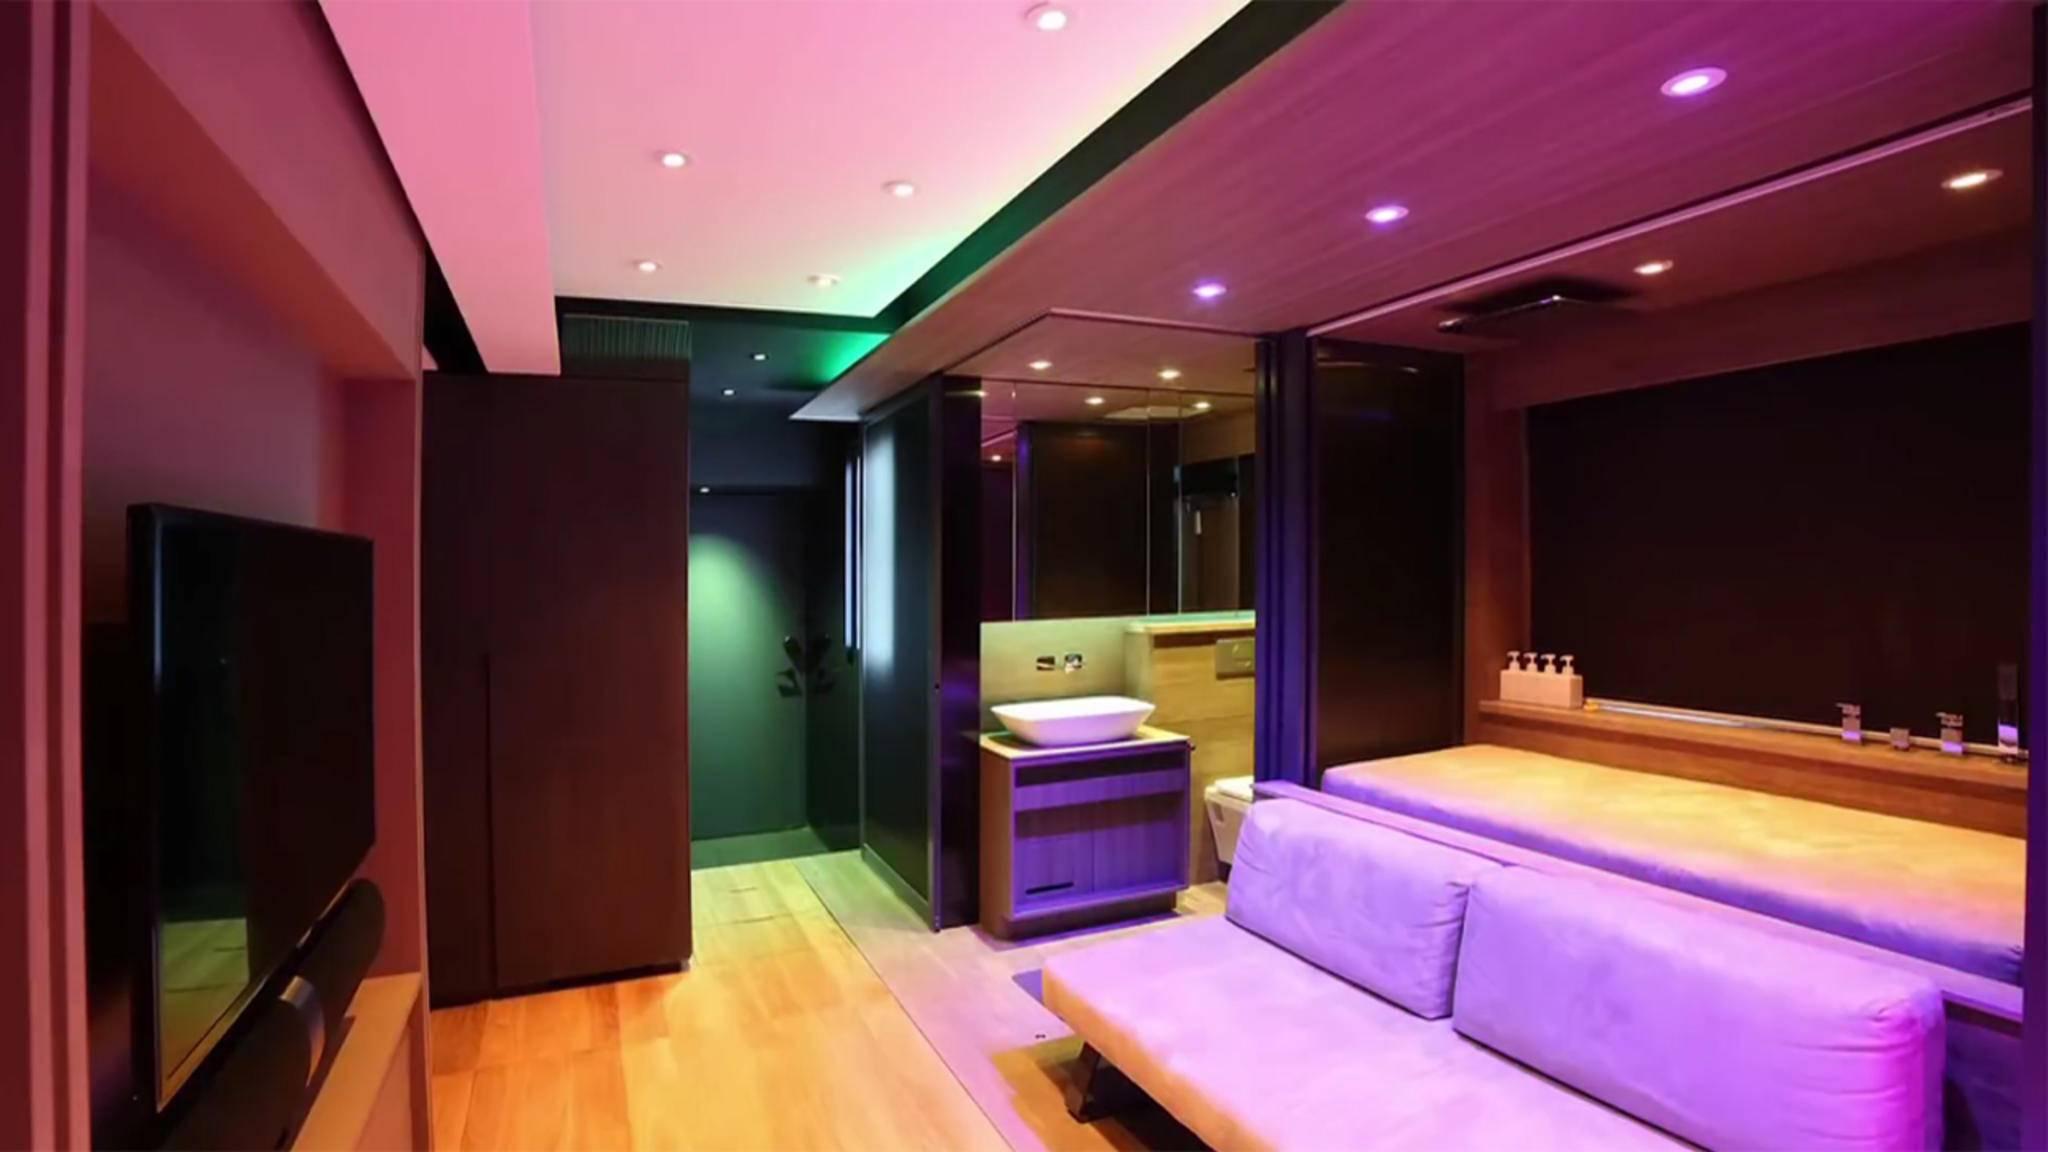 Stimmige Beleuchtung trägt dazu bei, dass das 28-Quadratmeter-Apartment größer aussieht, als es ist.